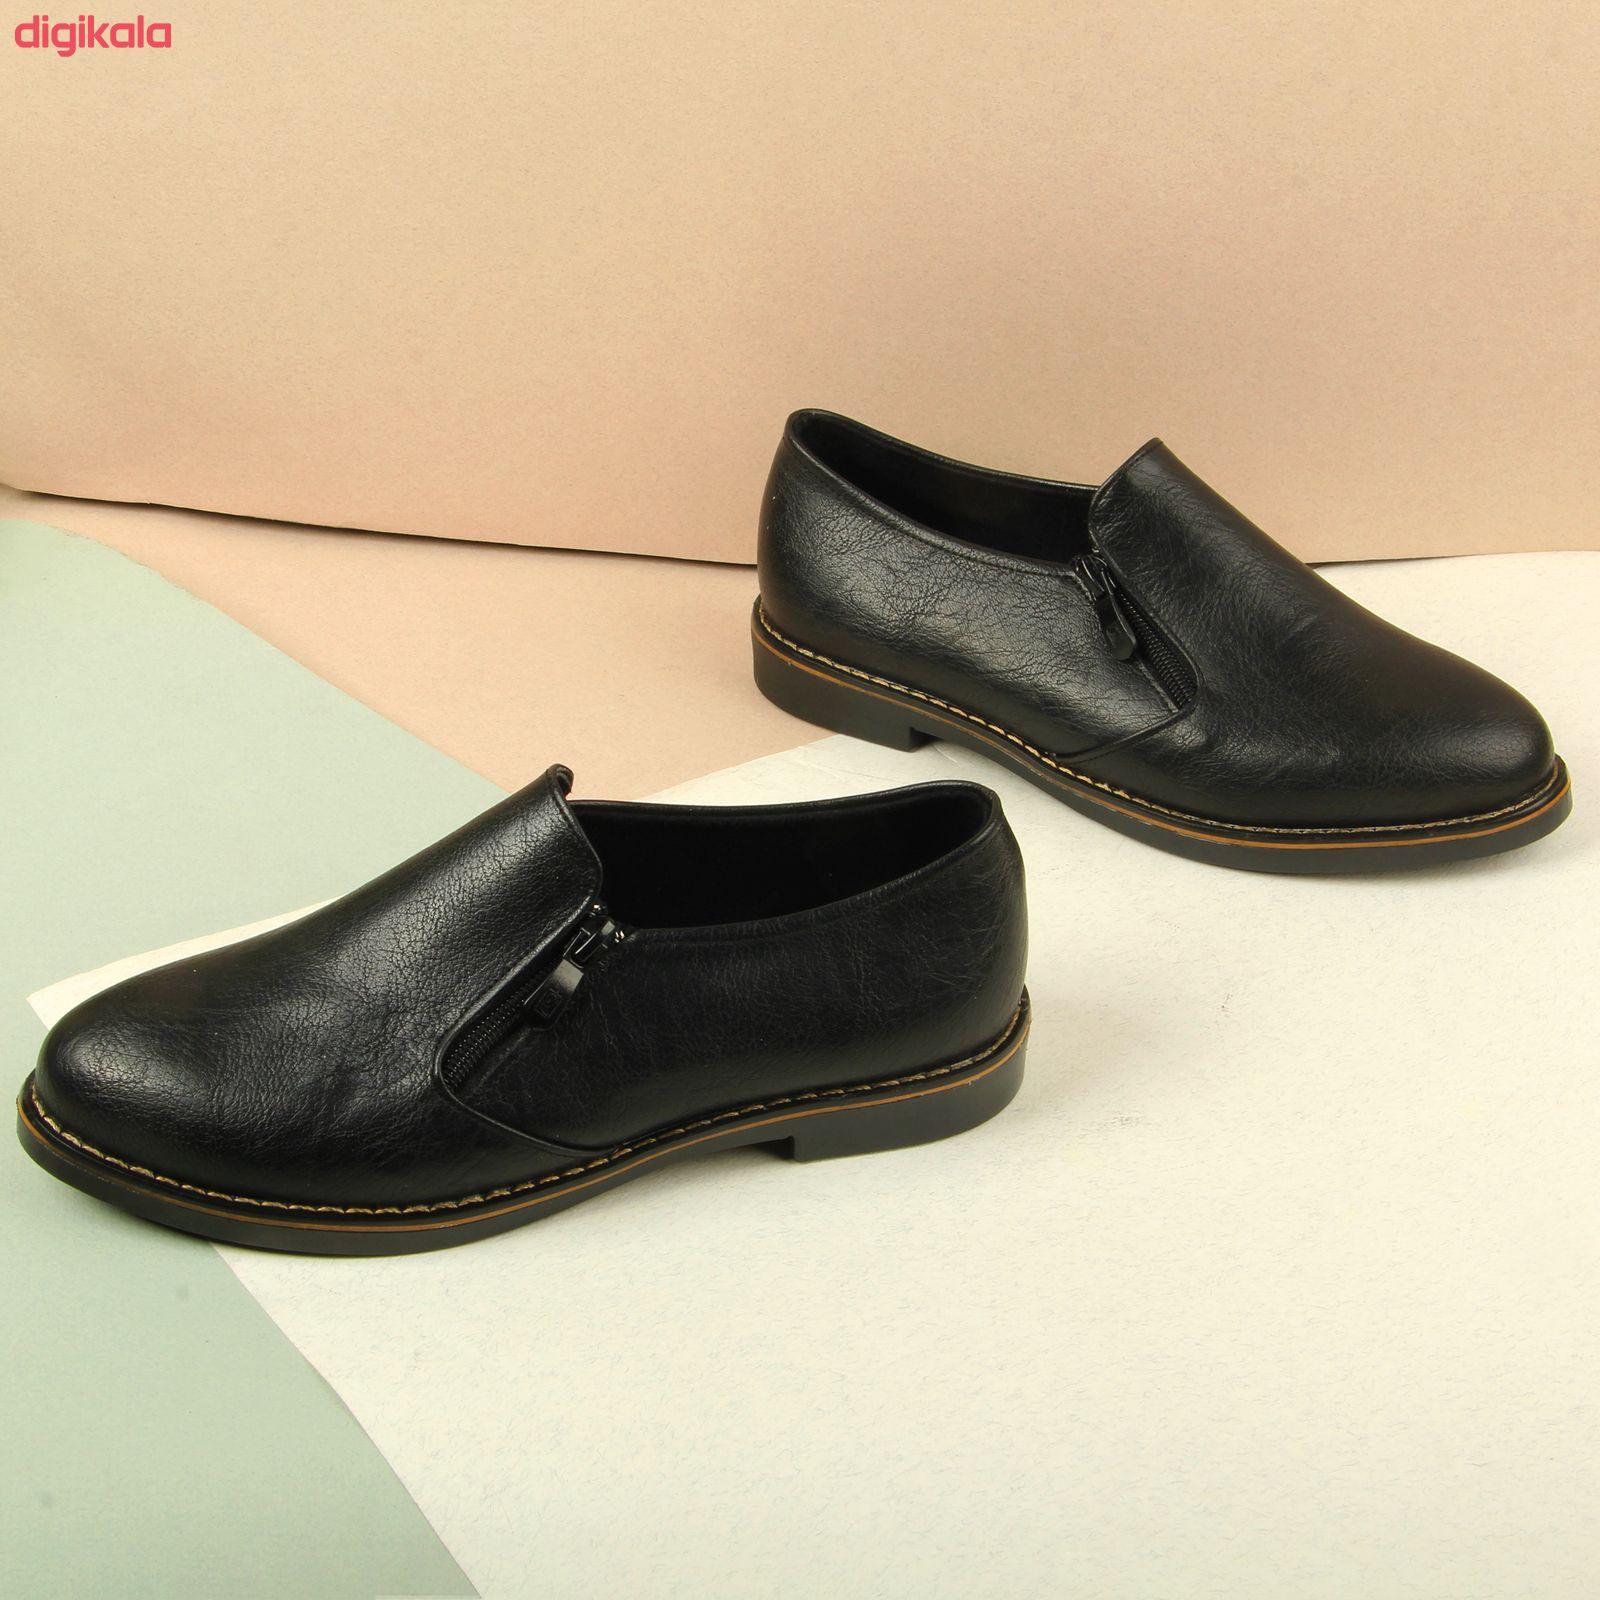 ست کیف و کفش زنانه BAB مدل ترنم کد 910-5 main 1 2